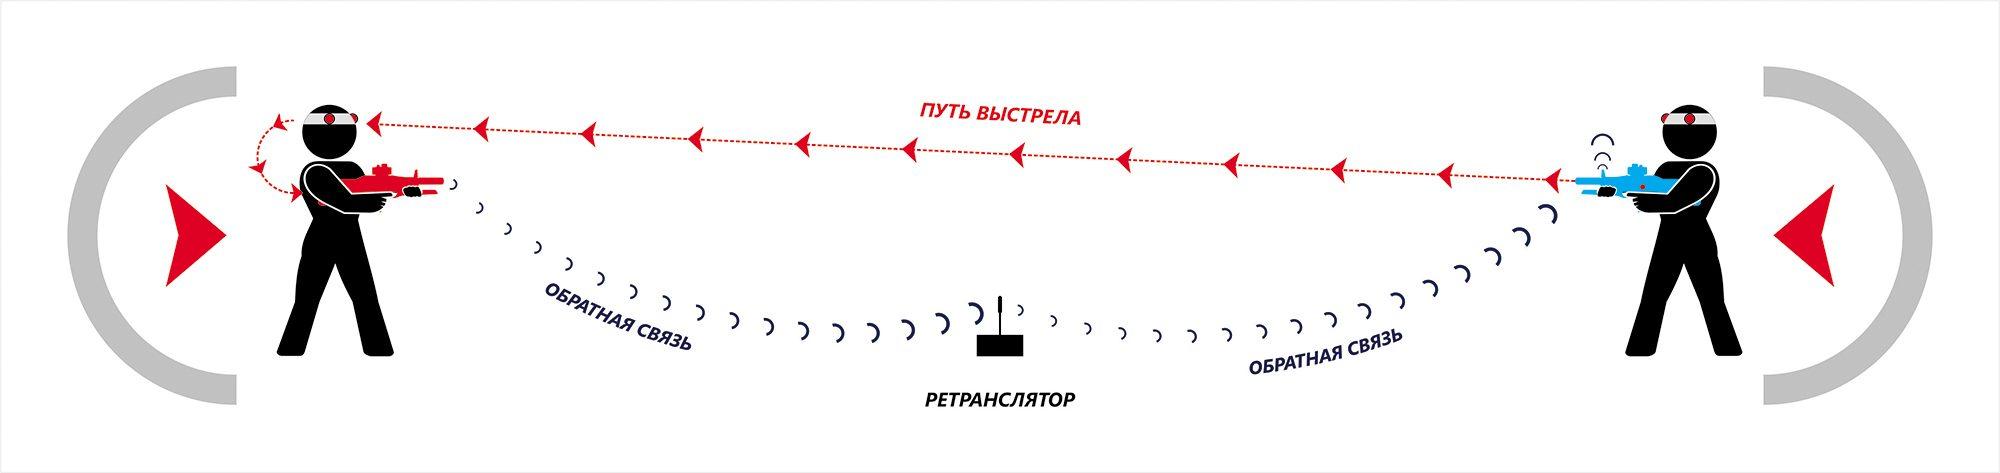 Обратная связь ретранслятор